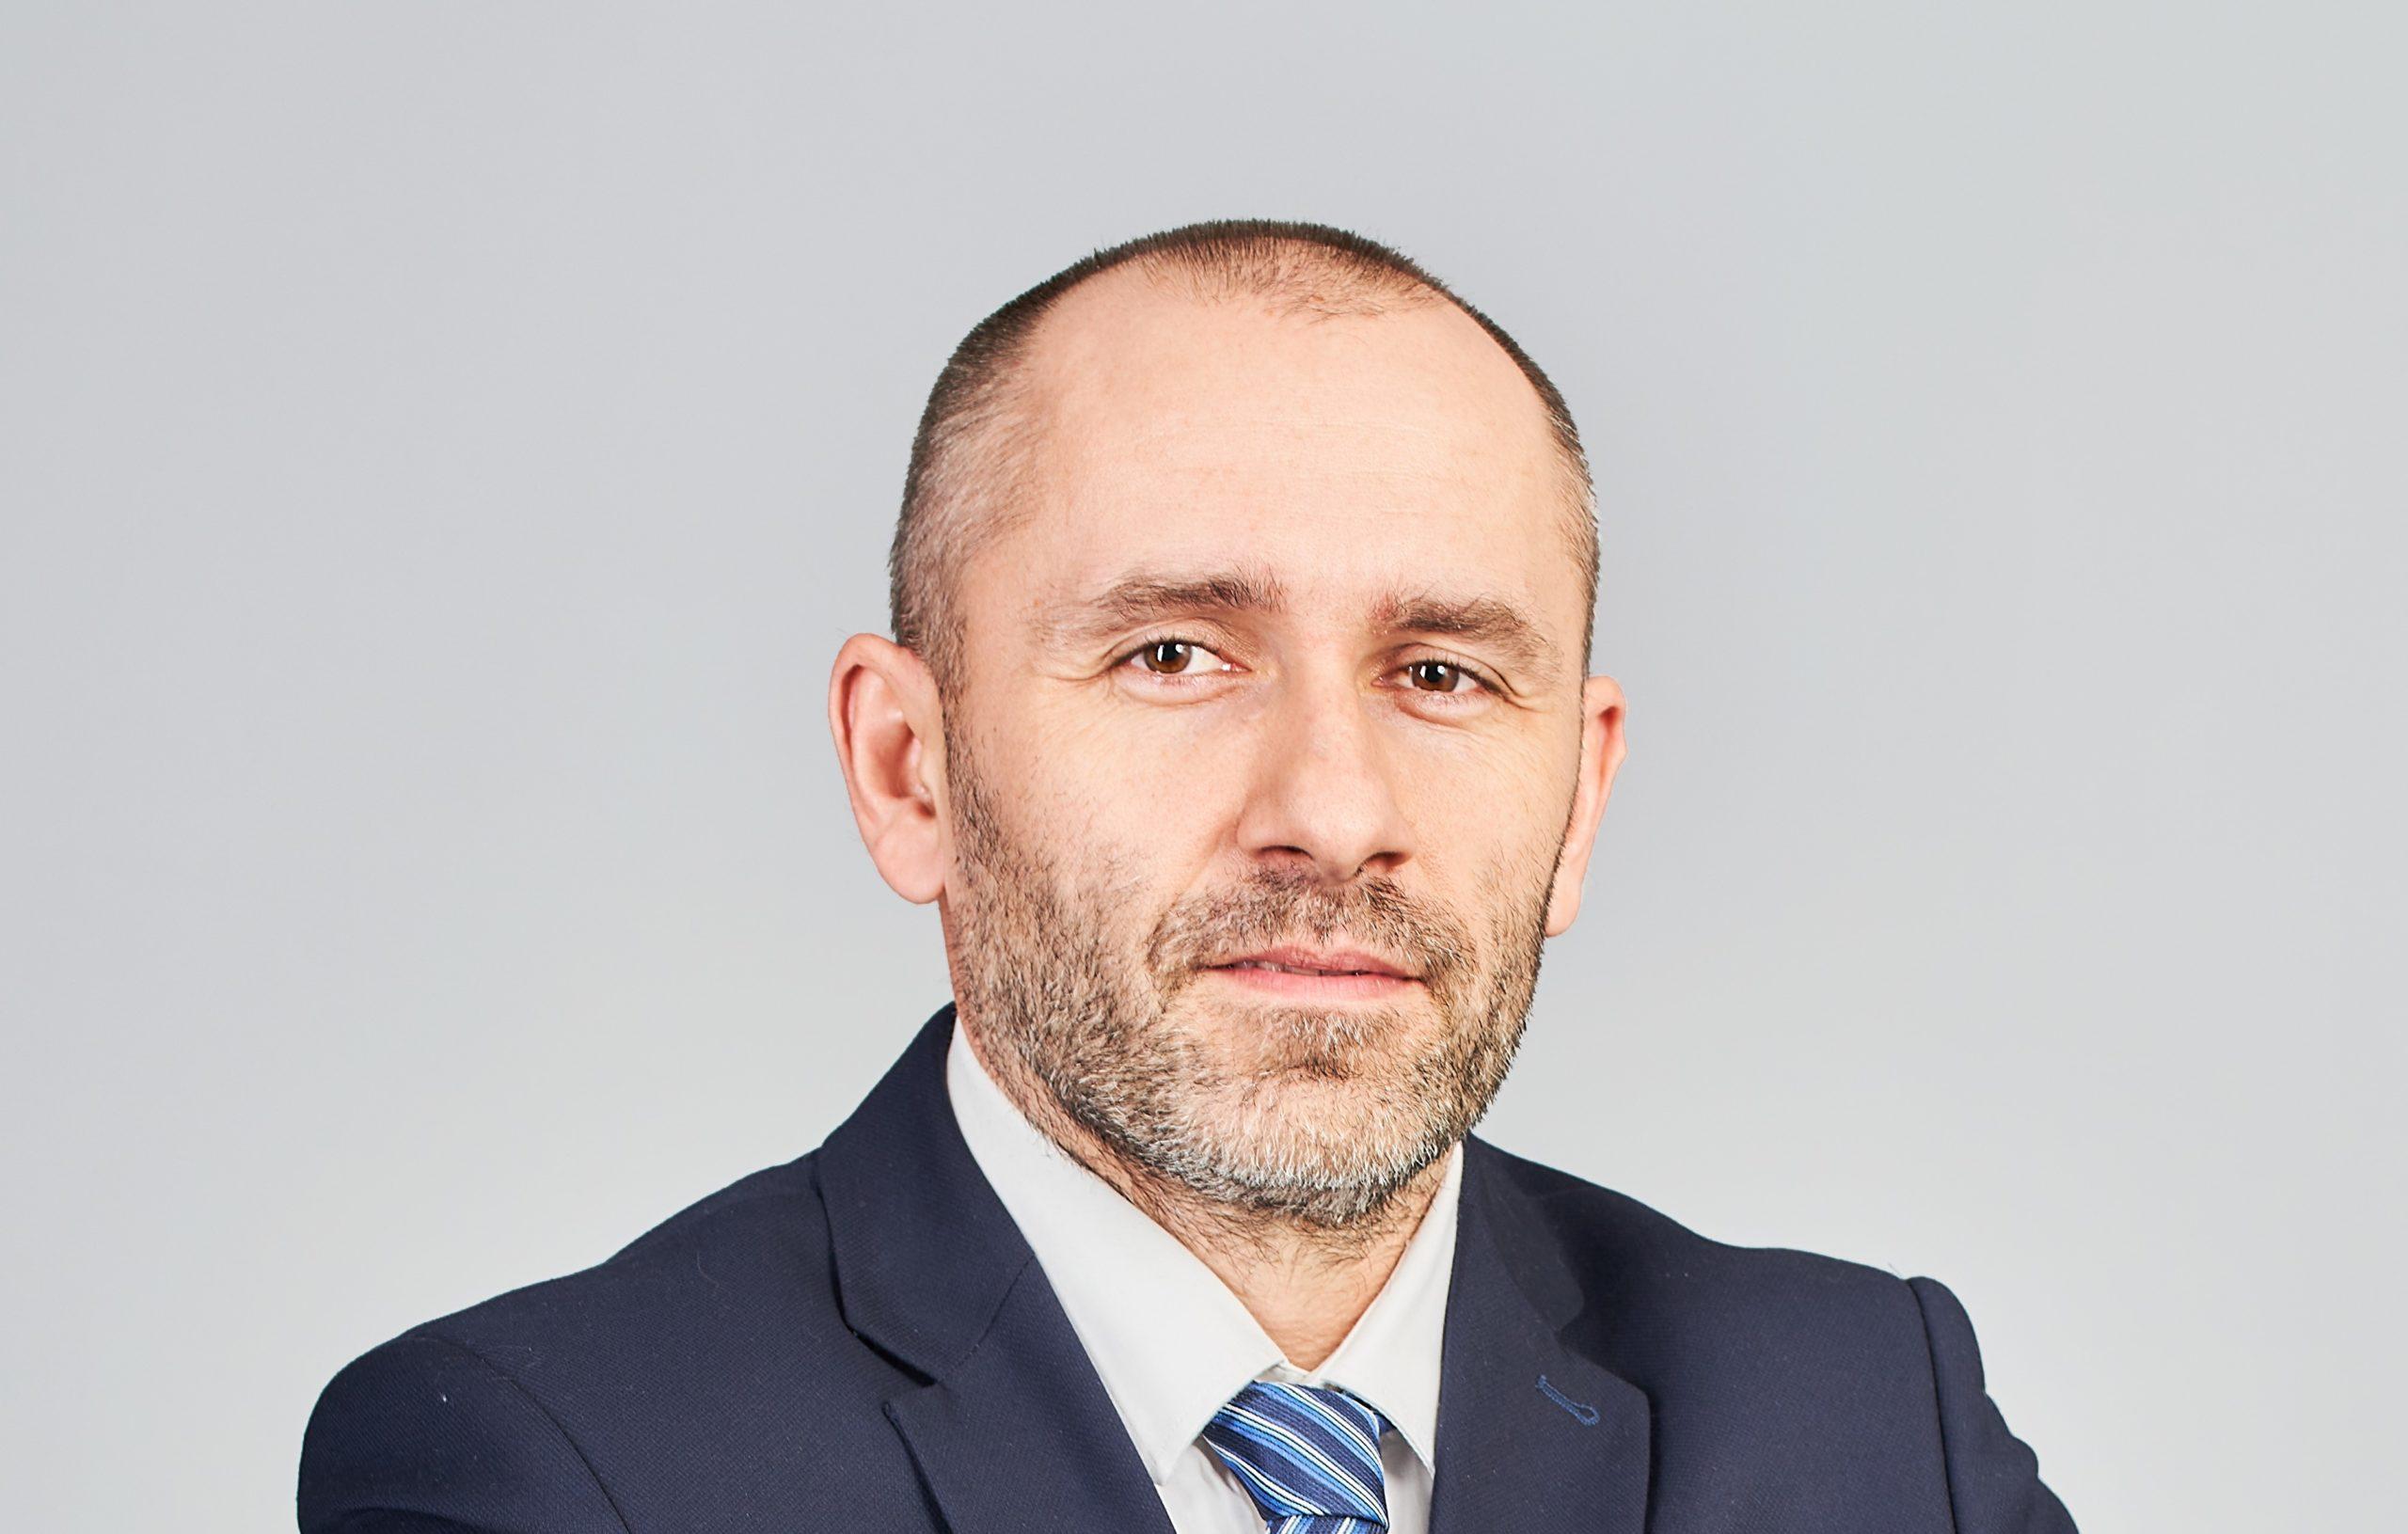 Bc. Jiří Polášek